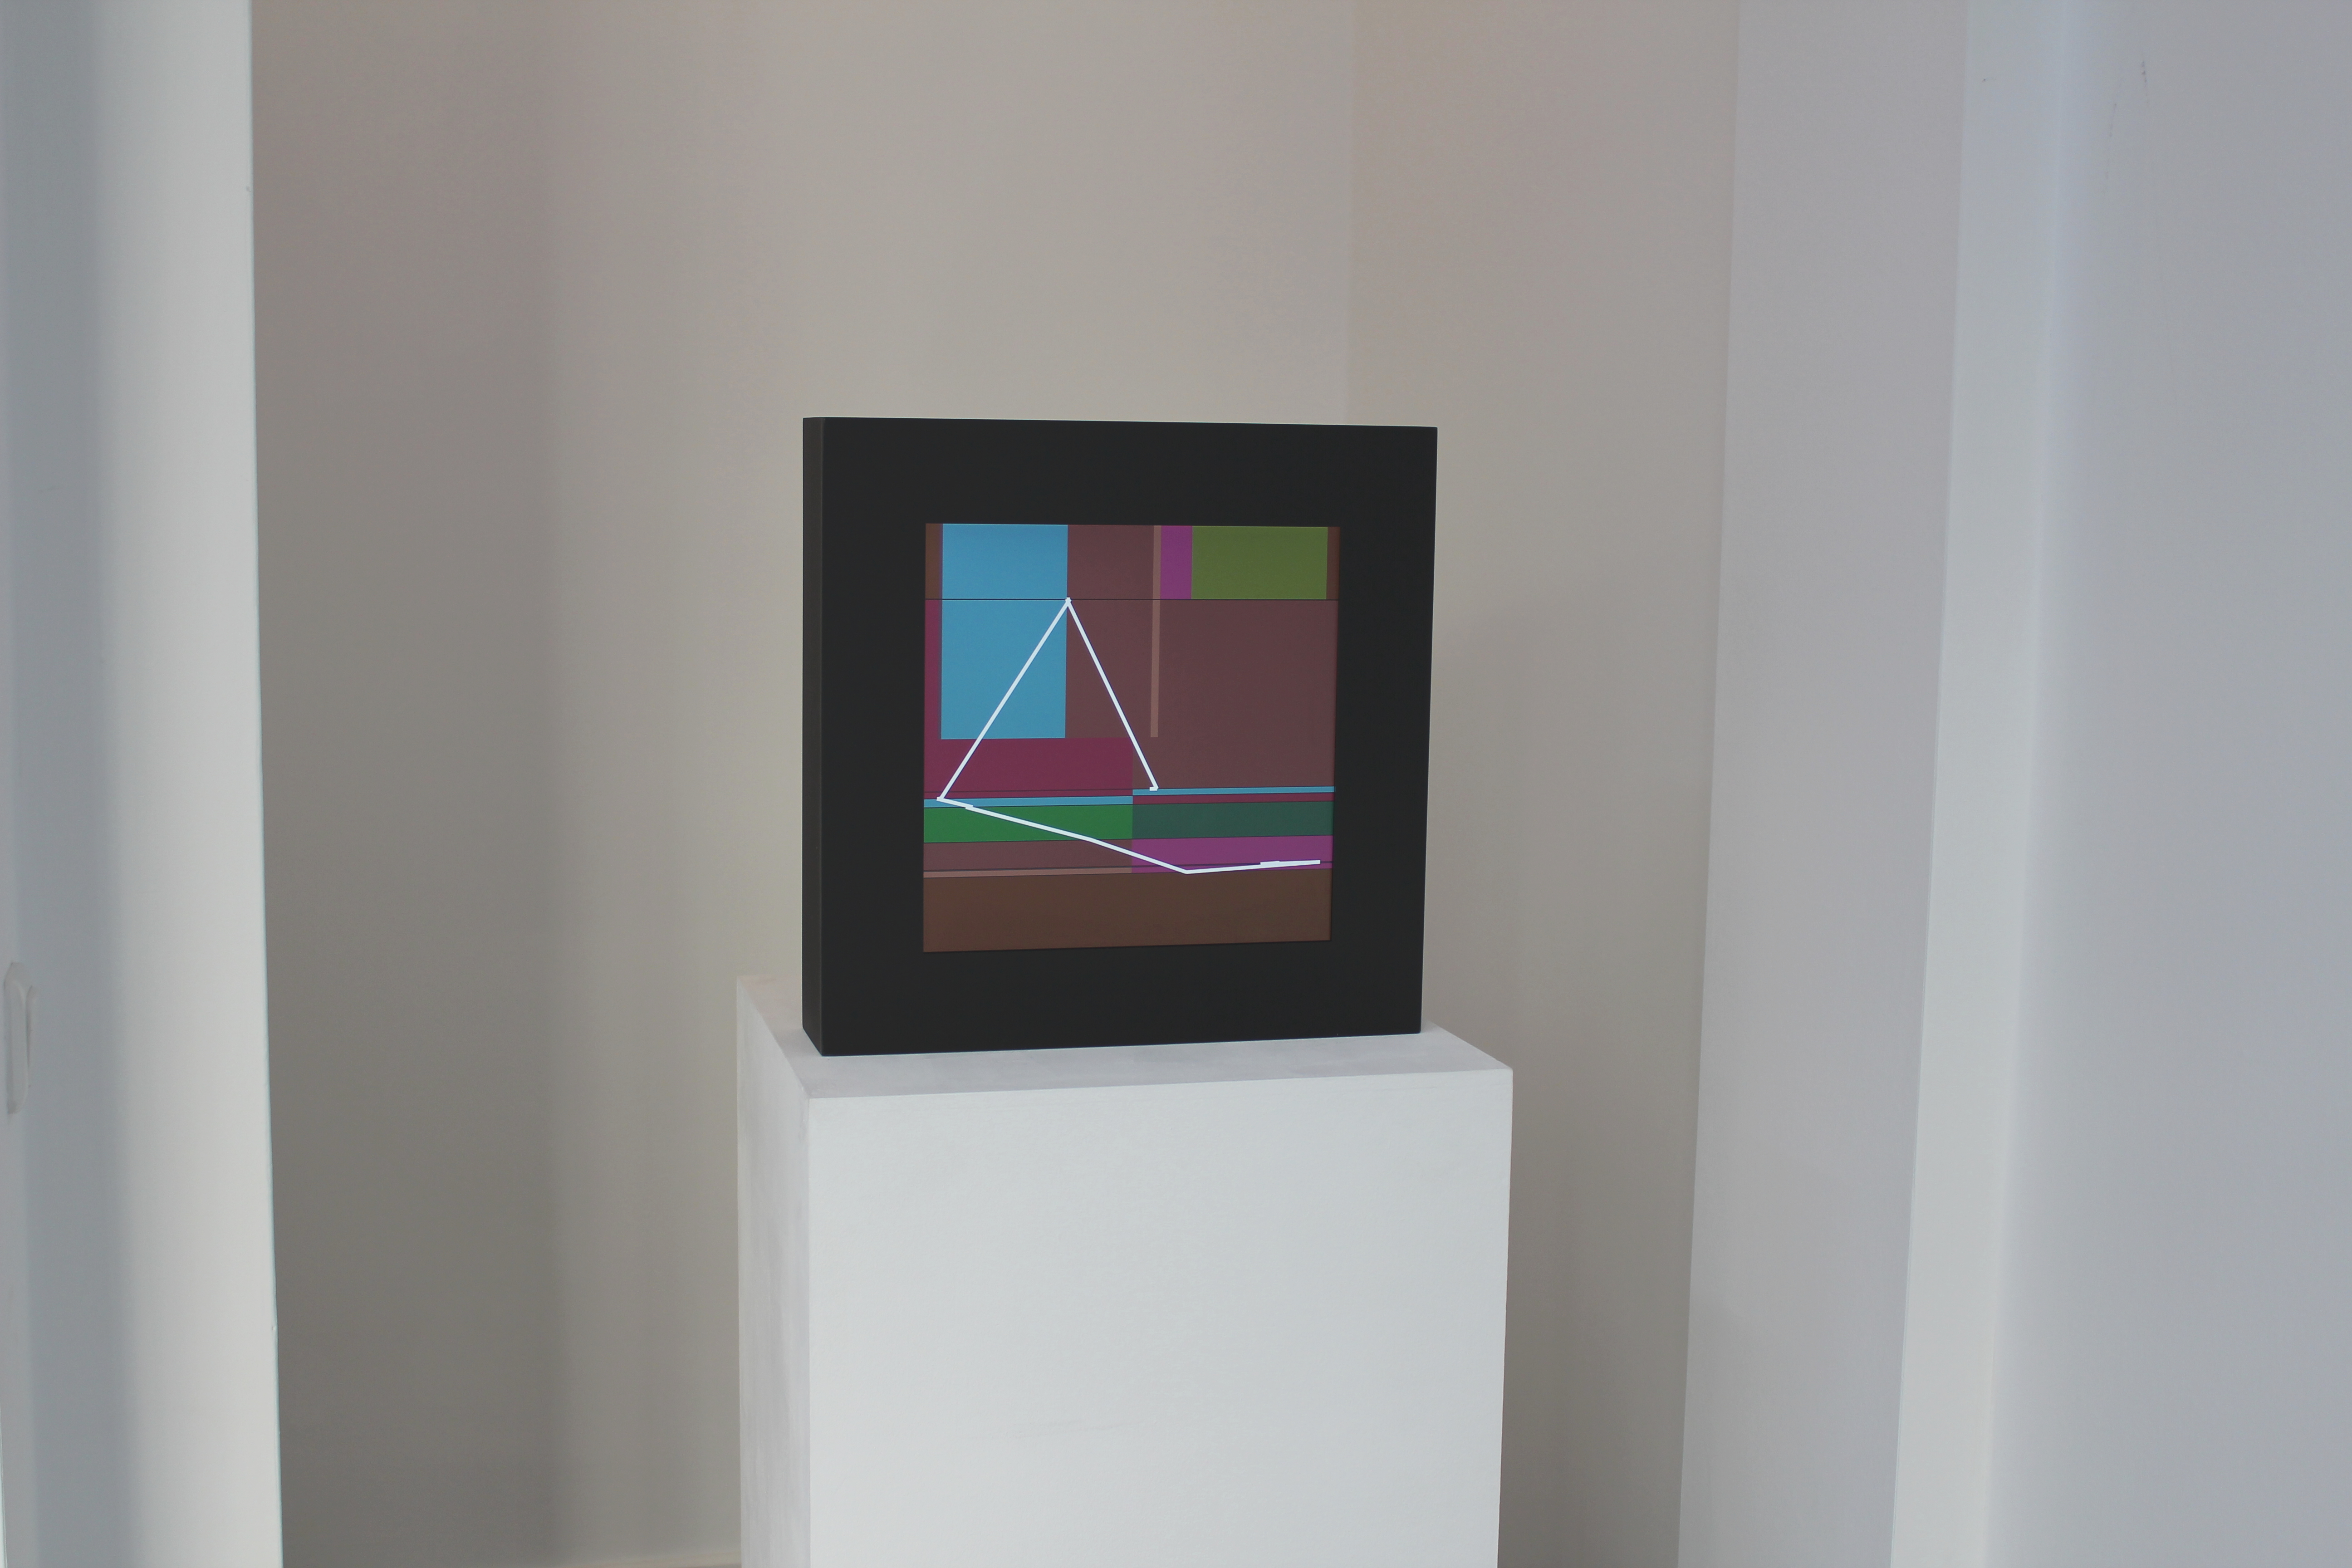 Frankfurt - Zeitzünder, Gruppenausstellung, 2013, Ausstellungsansicht